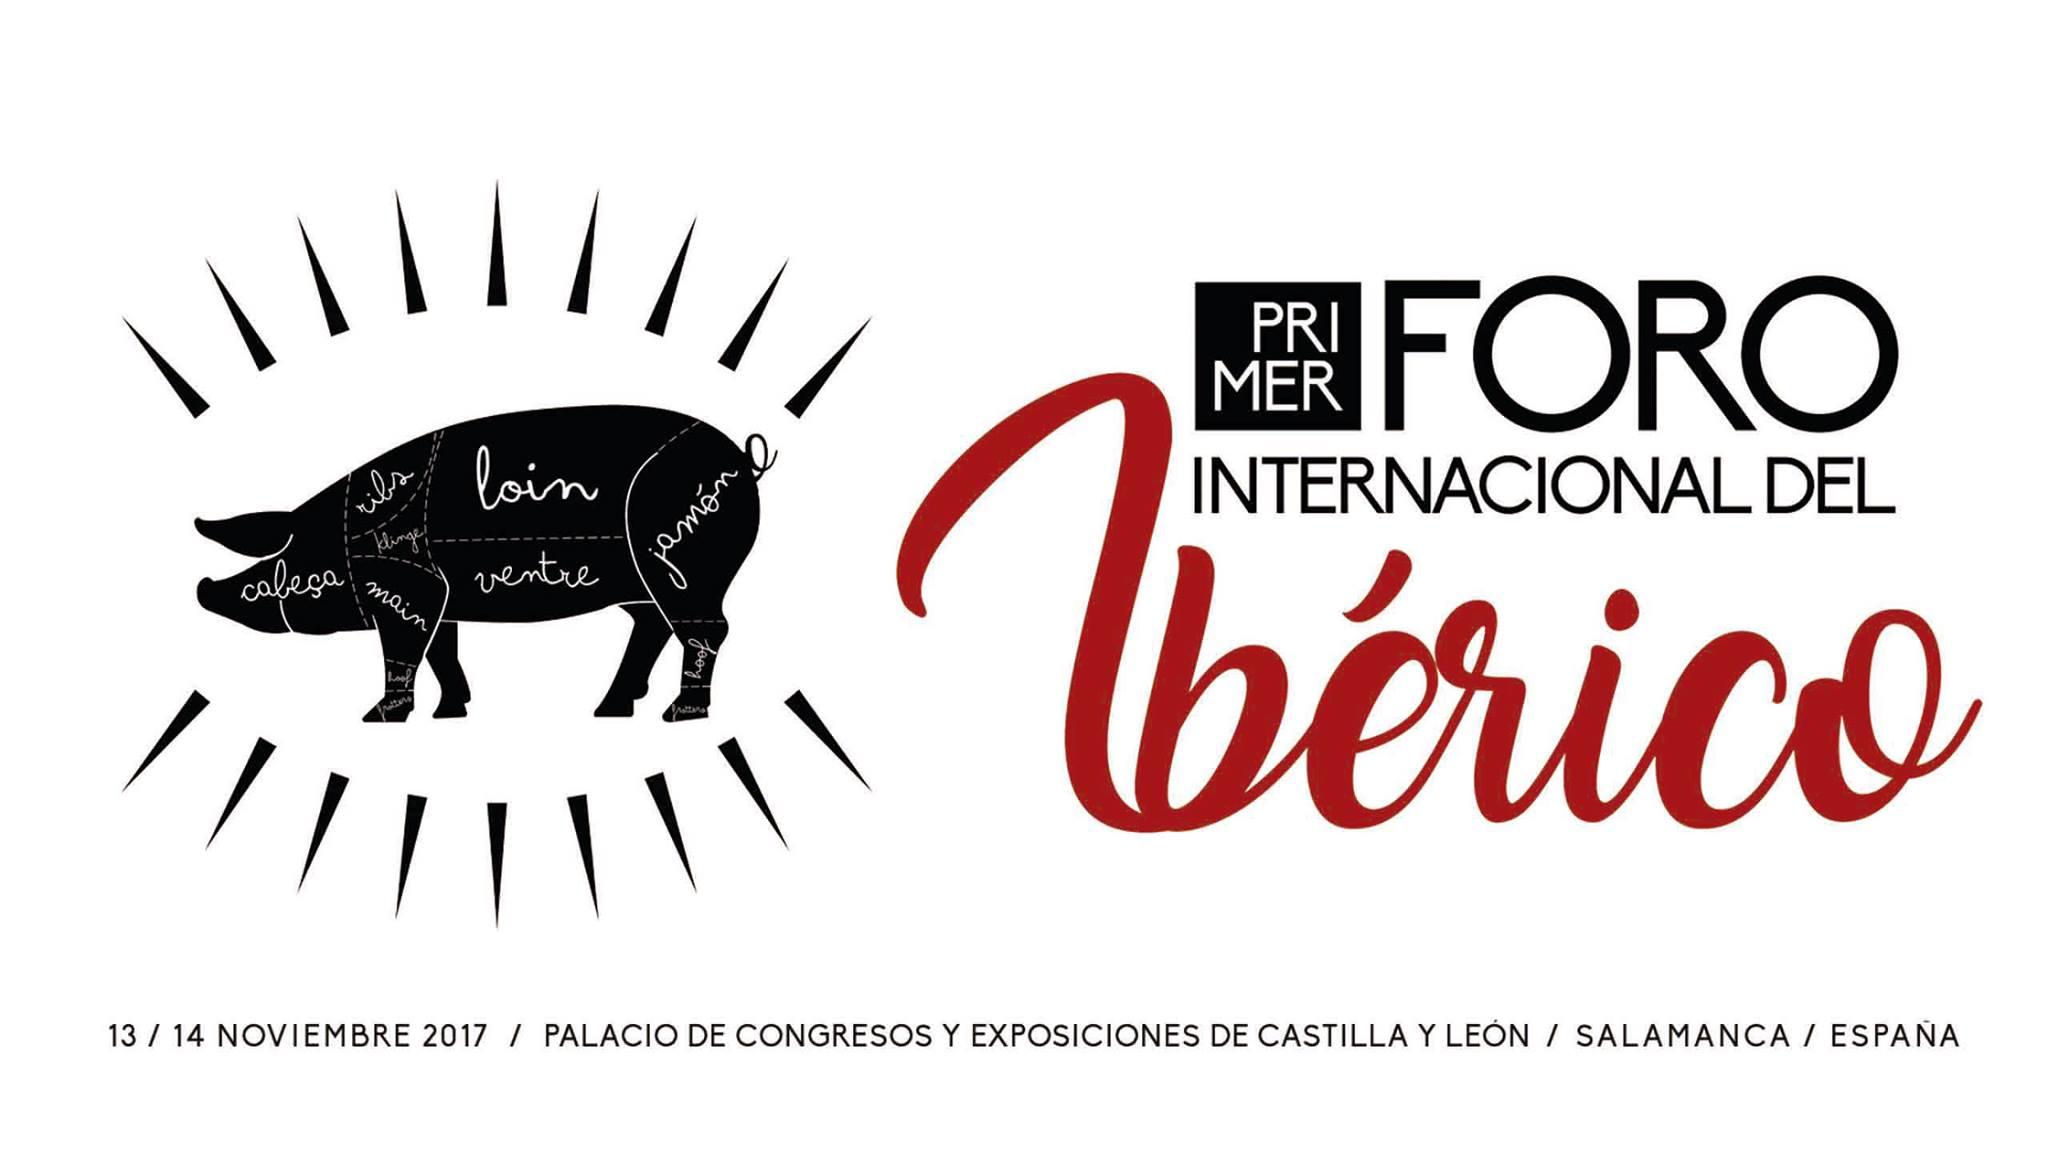 Foro Internacional del Ibérico